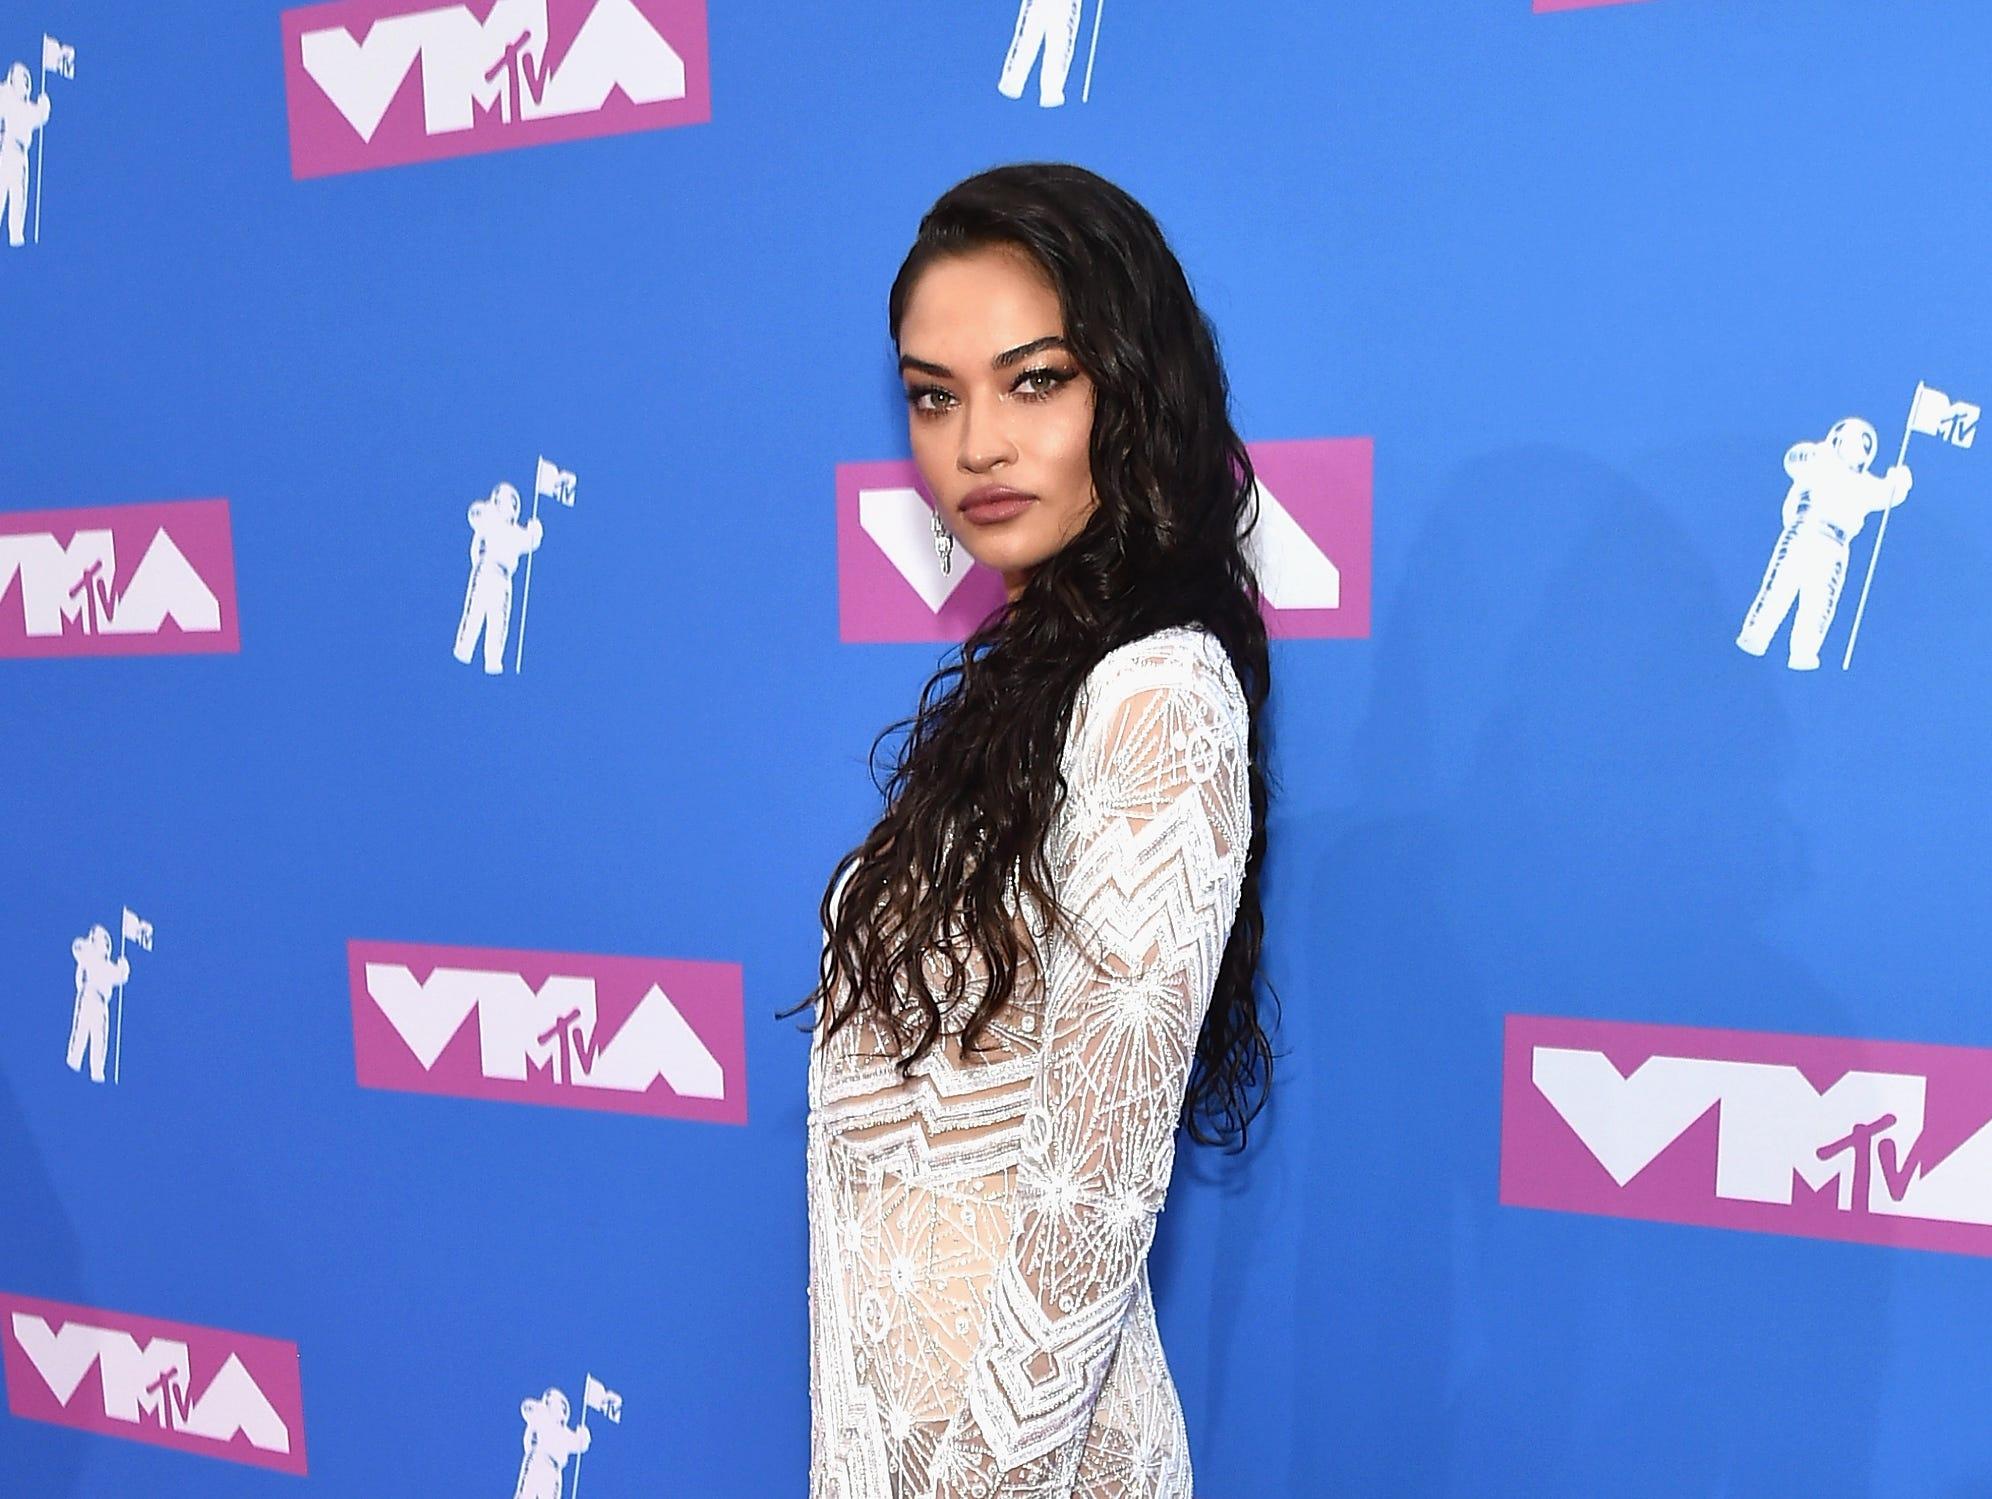 Shanina Shaik asiste a los MTV Video Music Awards 2018 en el Radio City Music Hall el 20 de agosto de 2018 en la ciudad de Nueva York.